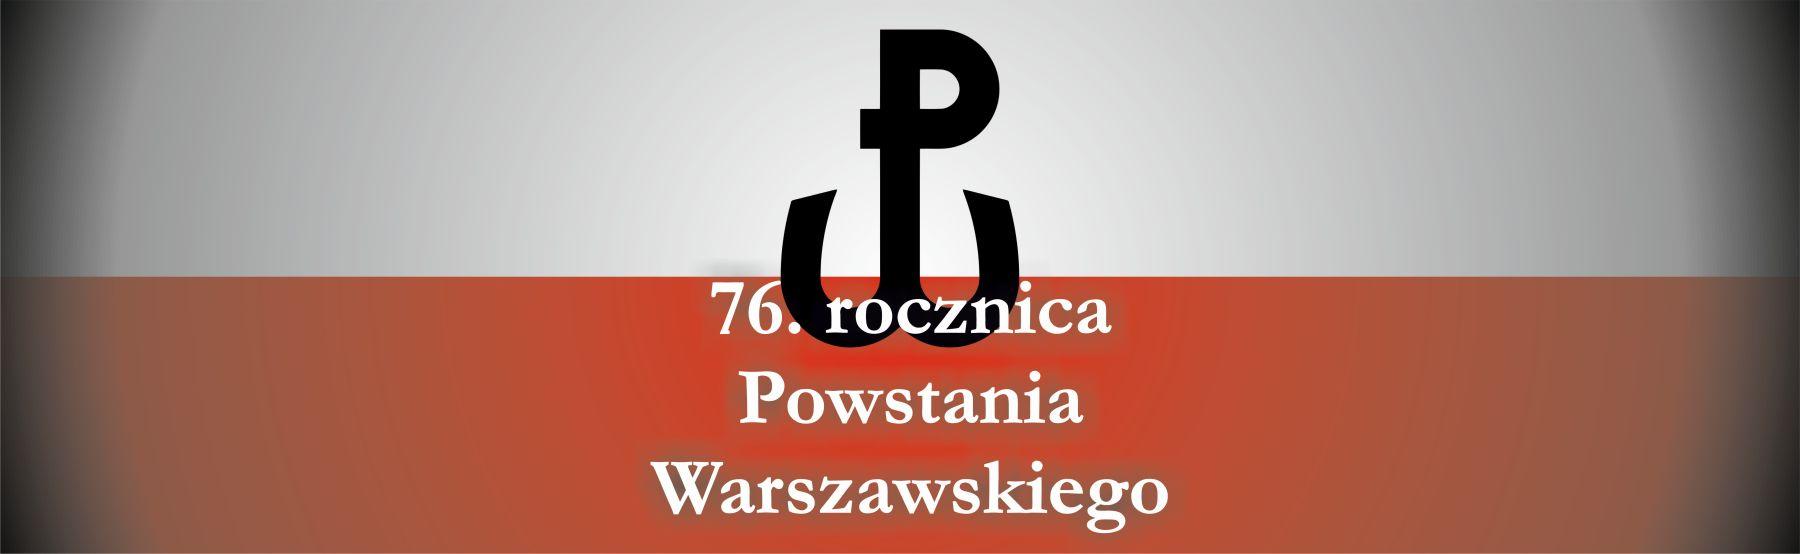 Grafika ukazuje flagę Polski ze znakiem kotwicy i napisem: 76 rocznica Powstania Warszawskiego.